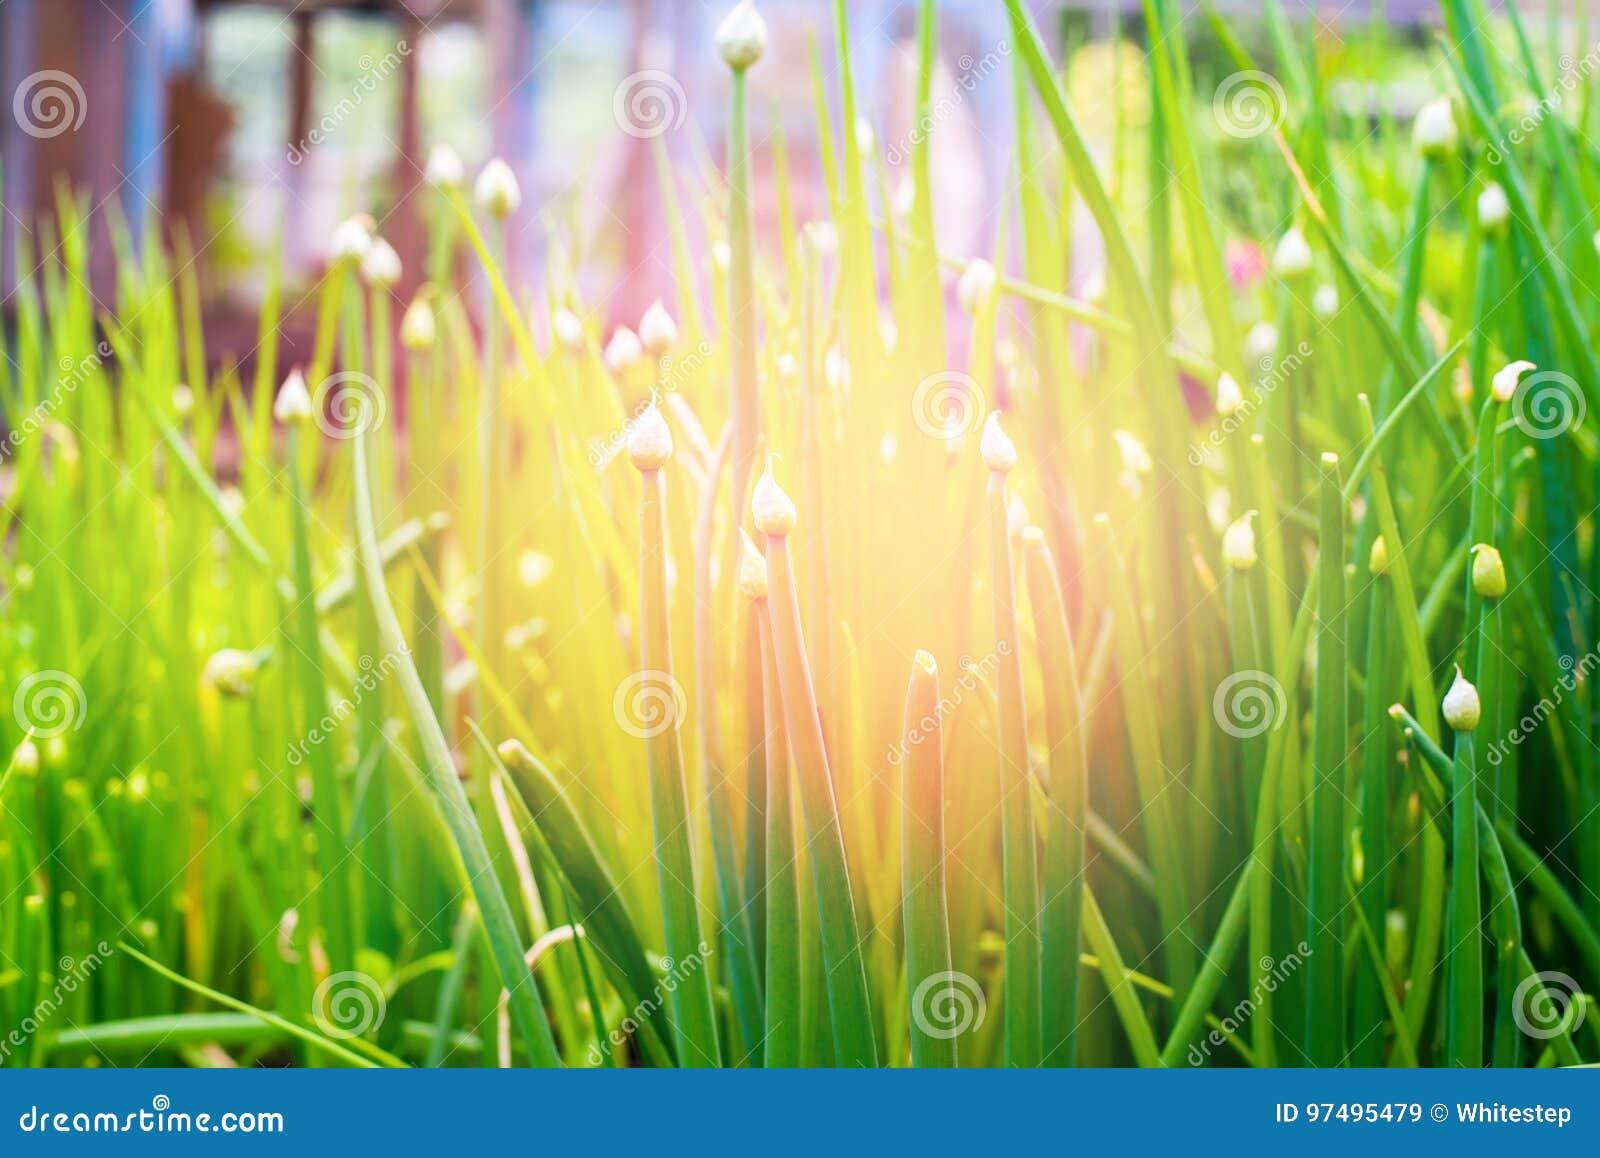 Lampadine della primavera di verde del gruppo delle cipolle sul letto